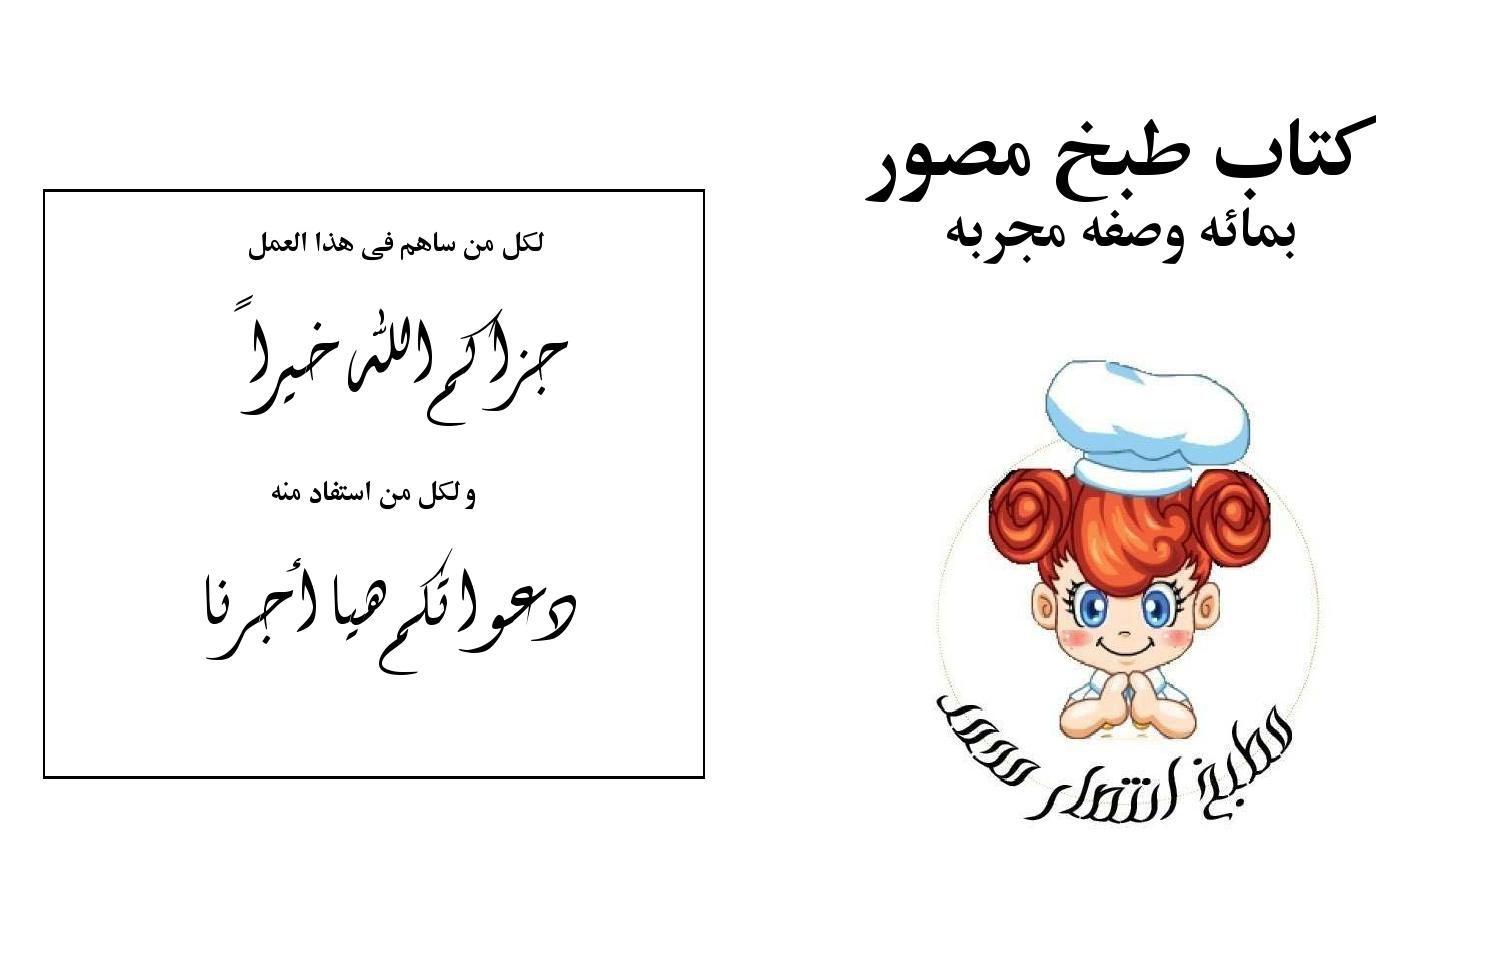 كتاب طبخ مصور Libyan Food Books Cooking